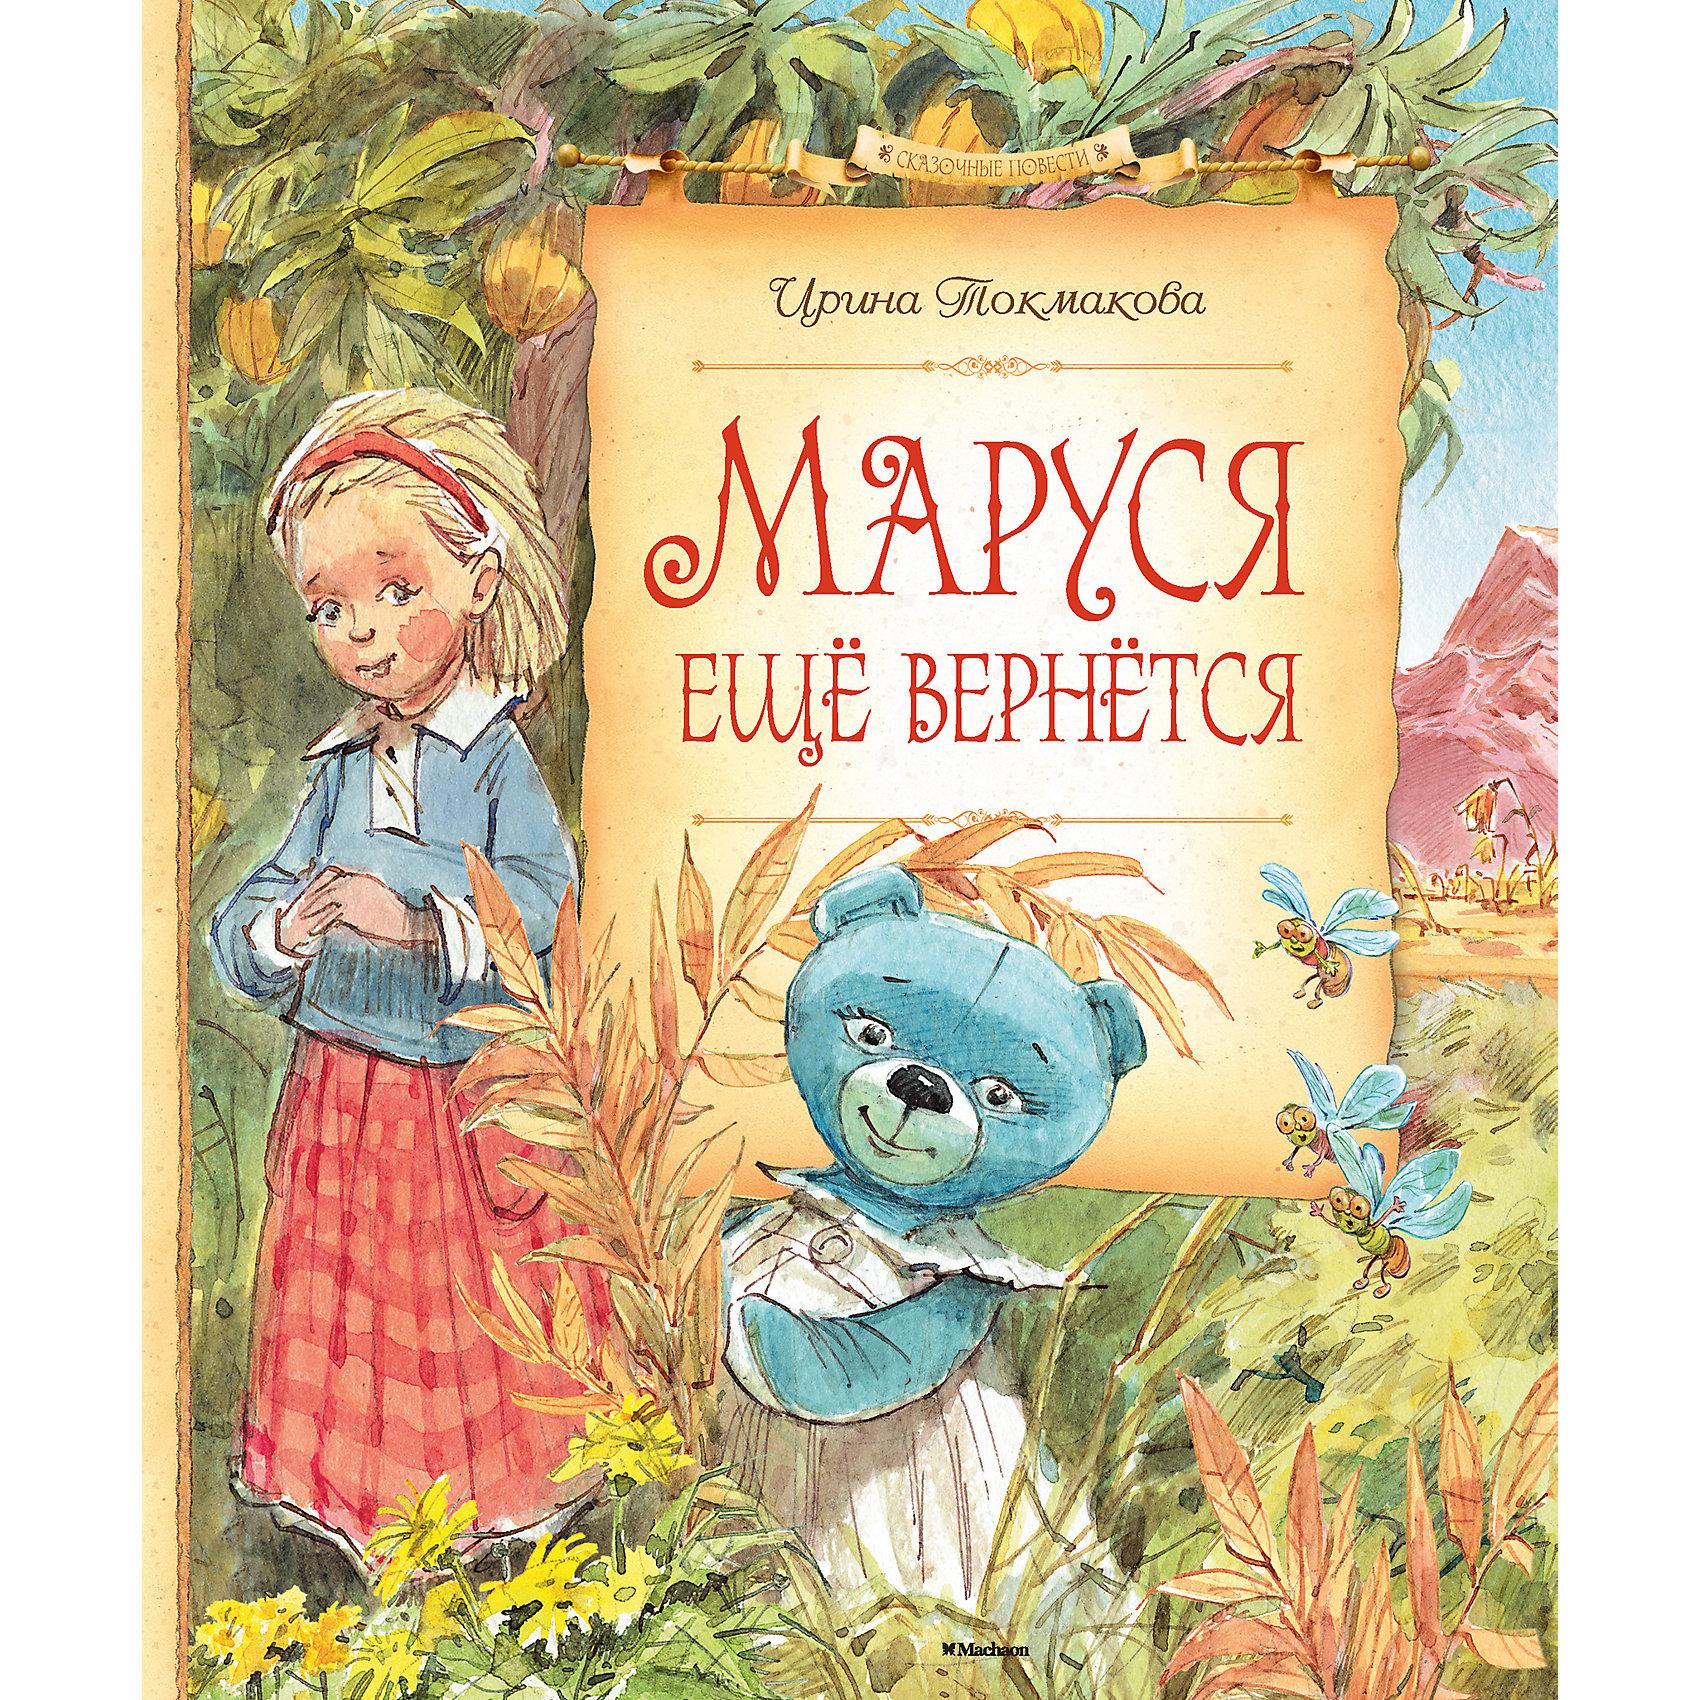 Маруся ещё вернётся, И. ТокмаковаКниги для девочек<br>Ирина Токмакова всегда выбирает темы, близкие и понятные ребёнку. Родители вечно заняты на работе, а дети… У детей есть своя, тайная, жизнь. Жизнь, в которой найдётся место и фантазии, и чуду. В сказочной повести «МАРУСЯ ЕЩЁ ВЕРНЁТСЯ» и старый зелёный дом оказывается живым, и плюшевая медведица Маруся – волшебной… Девочка Варя отправляется в опасное путешествие, чтобы спасти сказочную страну, которая всегда Тут. Она просто обязана стать смелой, решительной, самостоятельной – иначе ничего не получится. И вот чудо! Победив лживого Барнабаса Злина, Варя заодно побеждает и свои внутренние страхи. И… выздоравливает!<br><br>Ширина мм: 235<br>Глубина мм: 195<br>Высота мм: 11<br>Вес г: 400<br>Возраст от месяцев: 84<br>Возраст до месяцев: 120<br>Пол: Унисекс<br>Возраст: Детский<br>SKU: 4818072